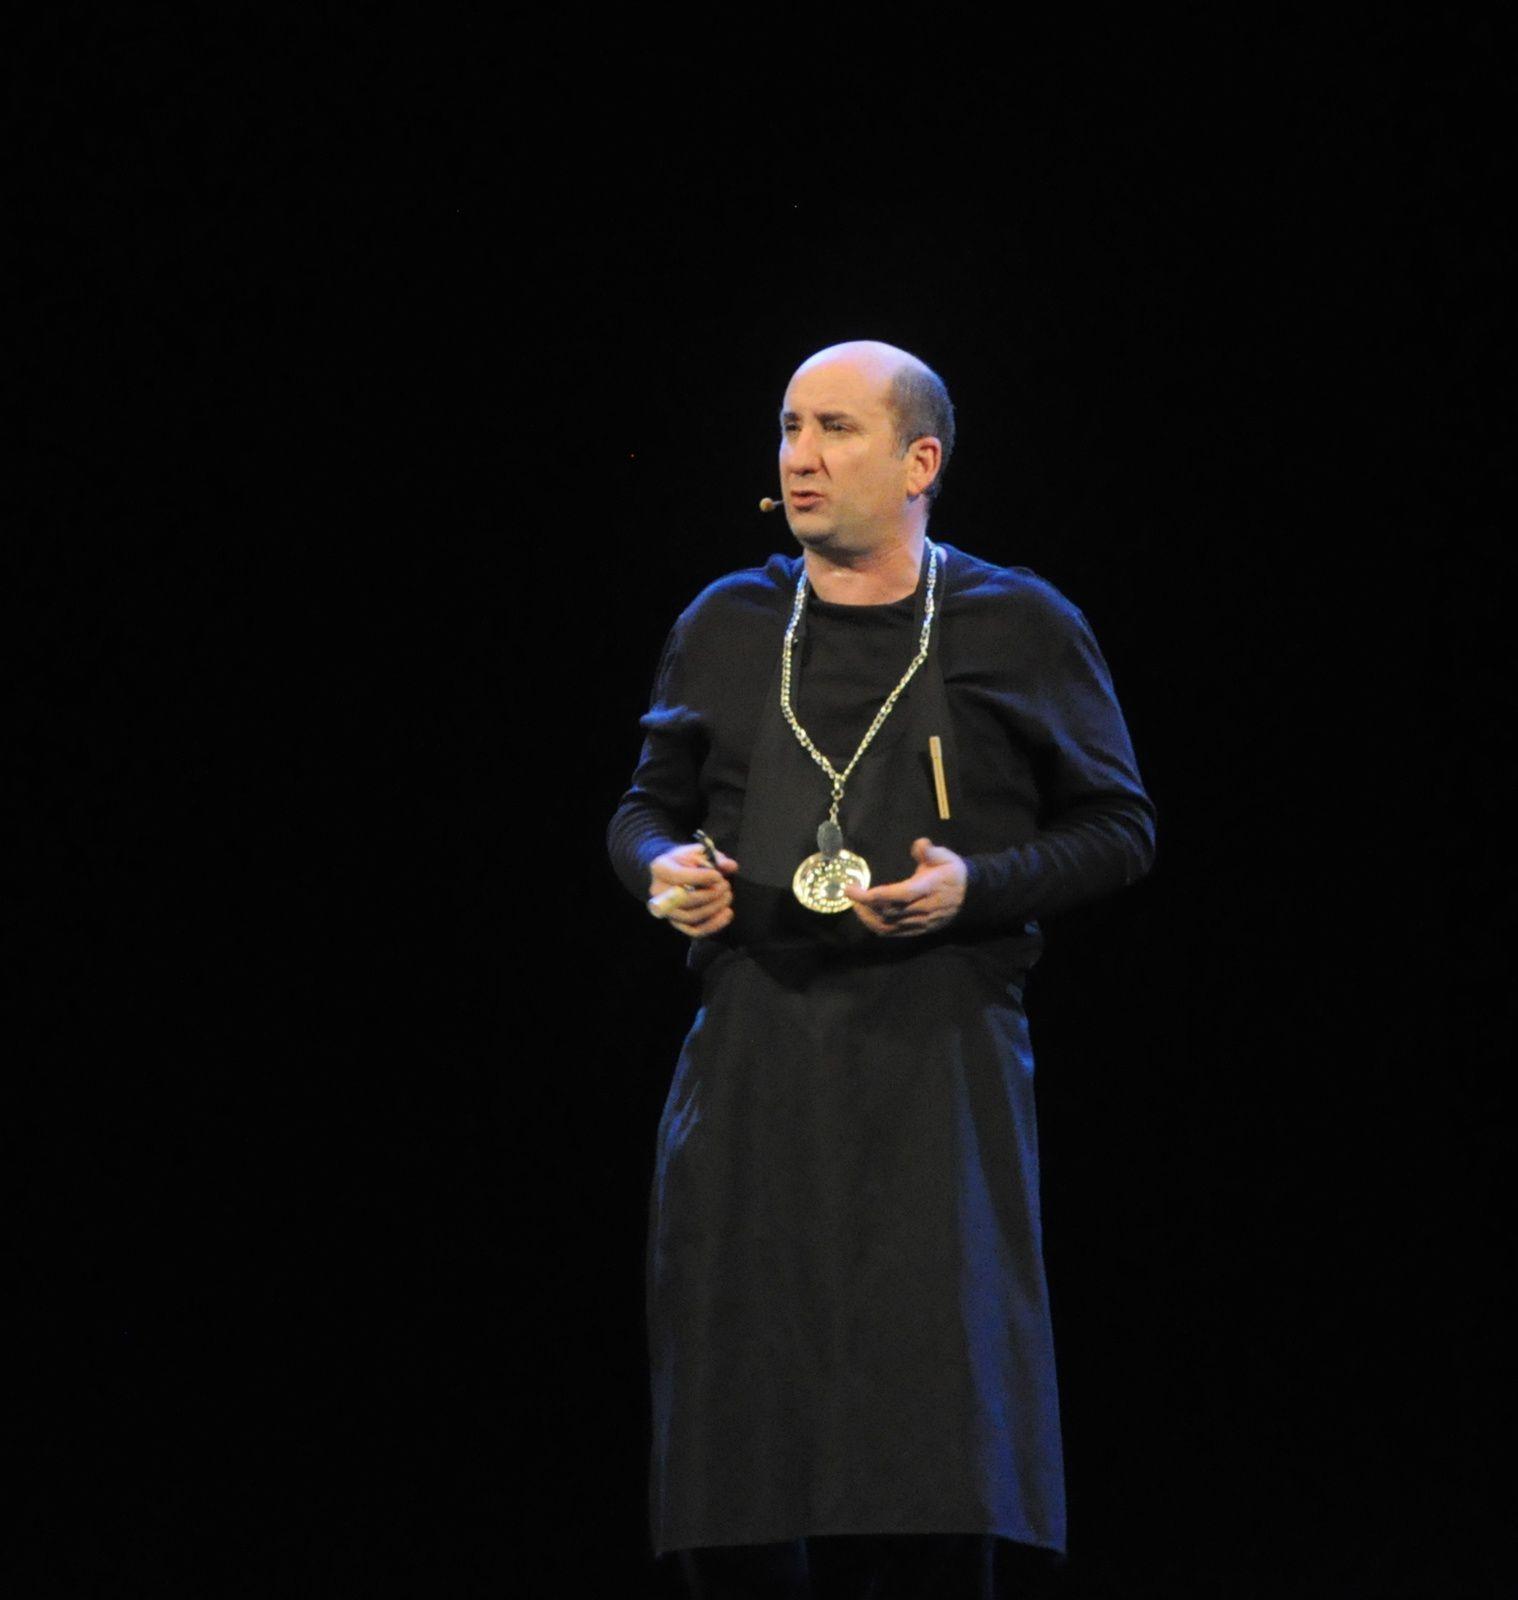 ARISTON SANREMO STREPITOSO SUCCESSO DI ANTONIO ALBANESE